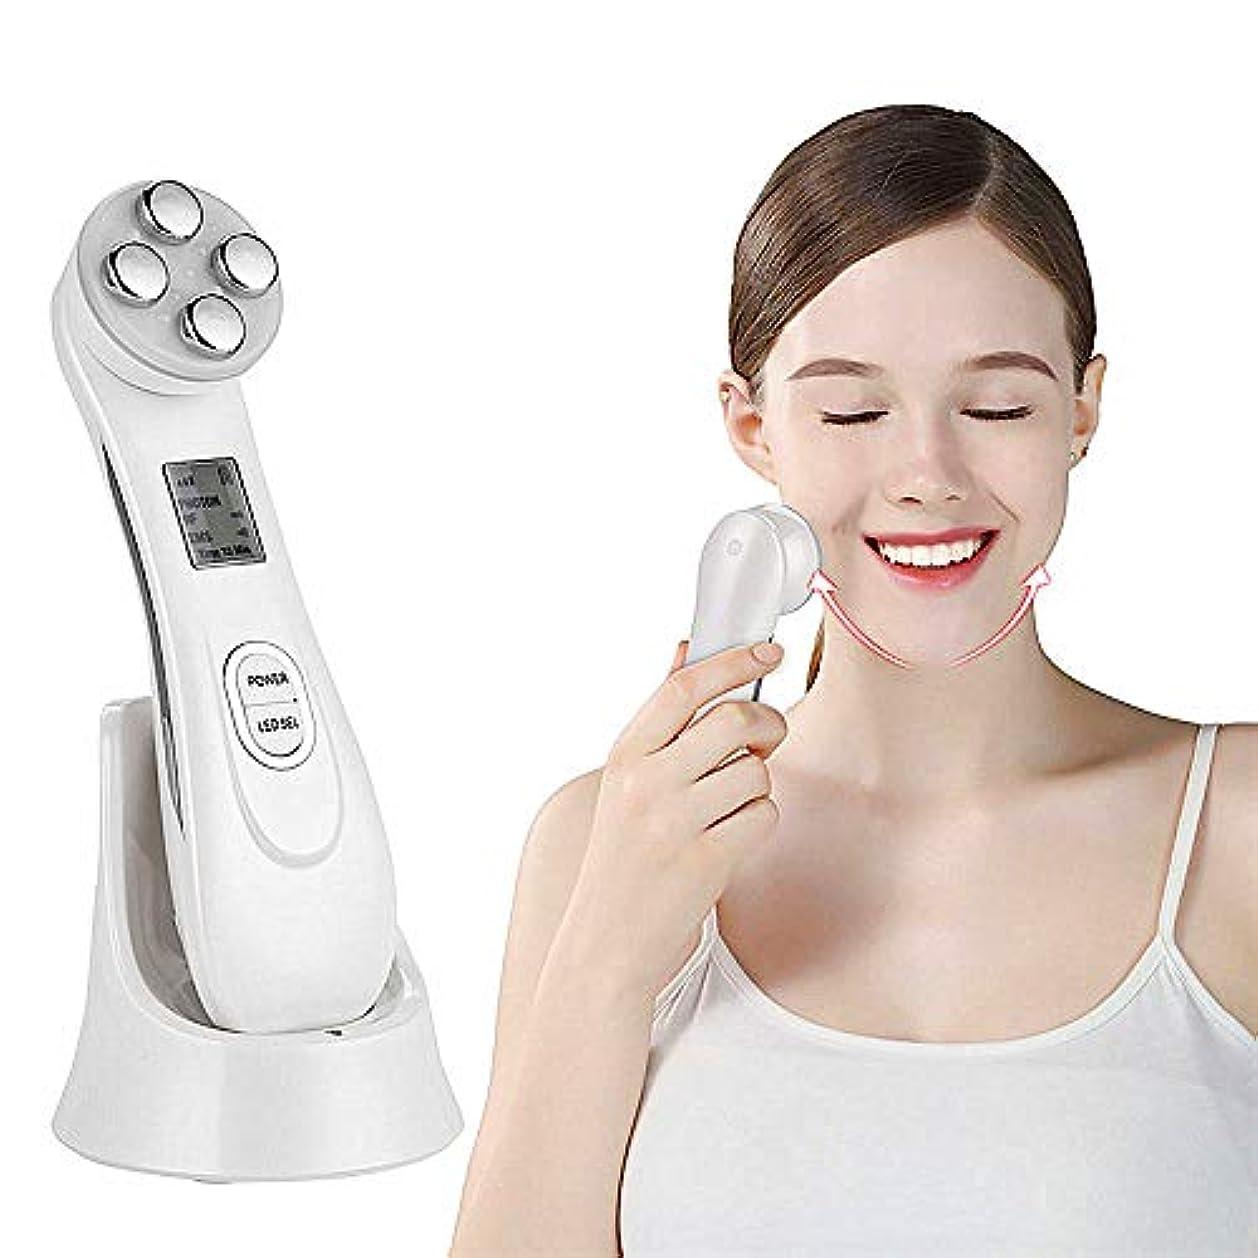 対立遺跡効率的に顔スキン EMS メソセラピーエレクトロポレーション RF ラジオ周波数顔 LED フォトンスキンケアデバイスフェイスリフティングは、美容ツールを締めます